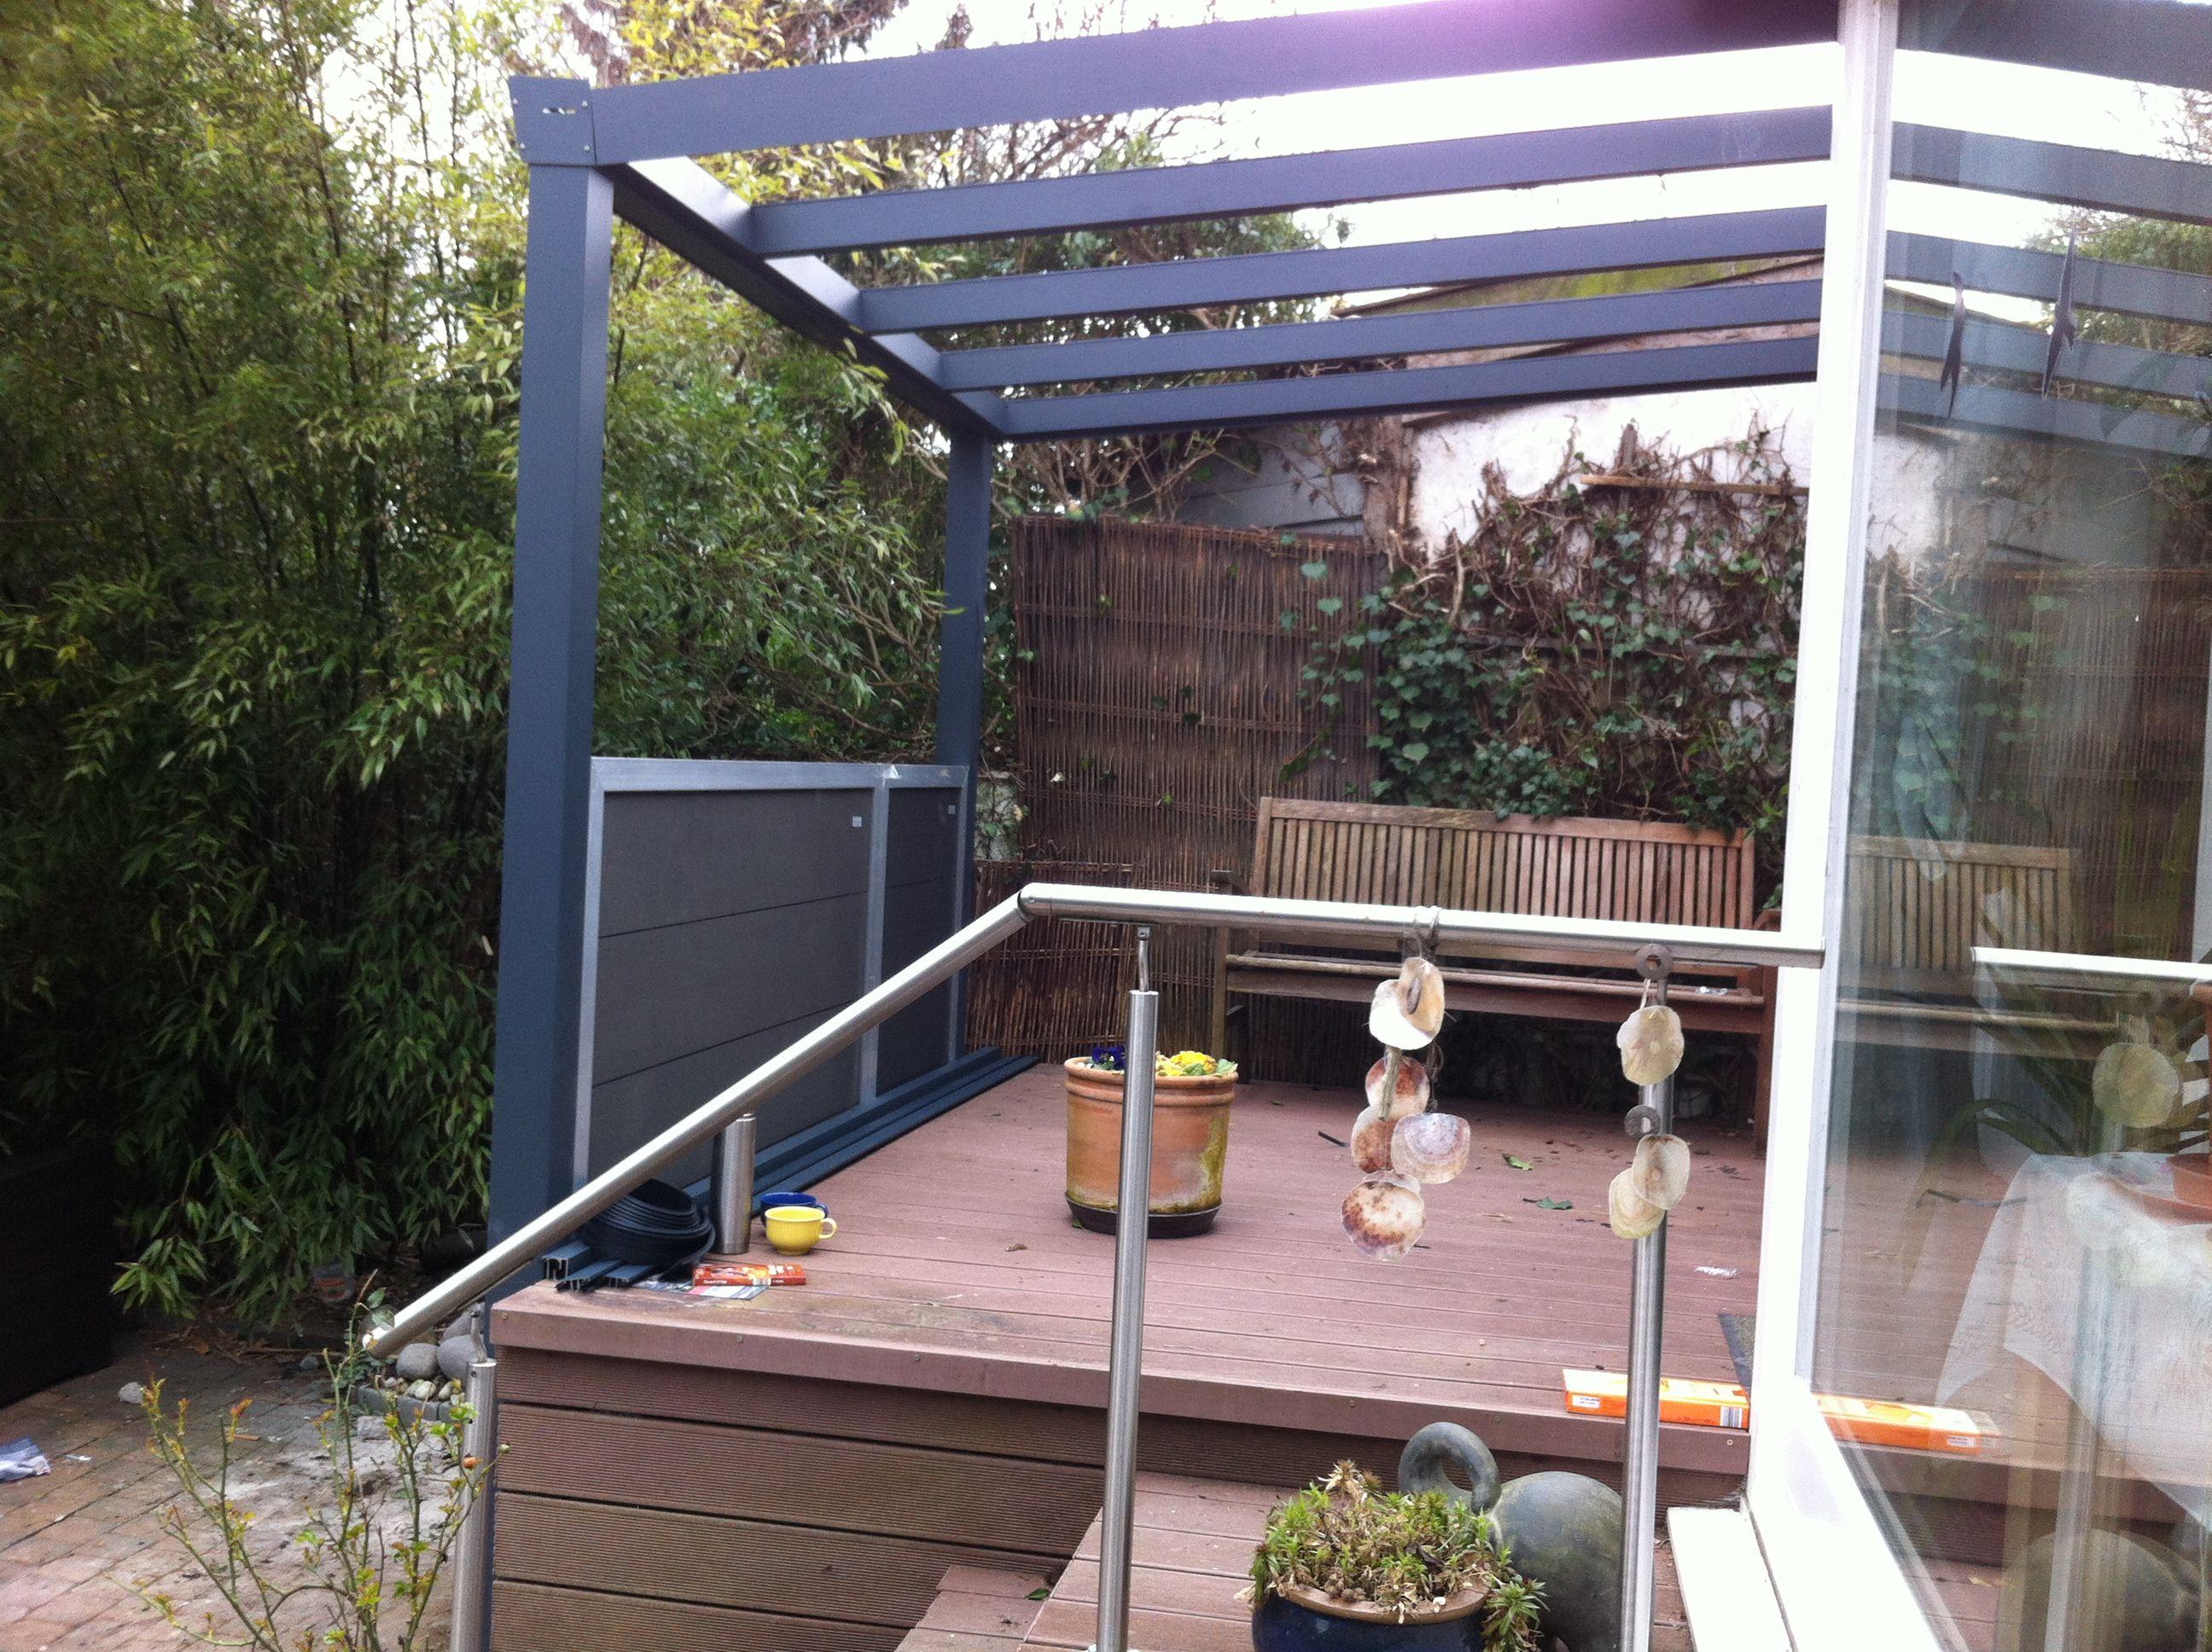 Pin Von Dawobesch Terrassen Uberdachun Auf Terrassen Gestaltung Uberdachung Terrasse Wintergarten Terrasse